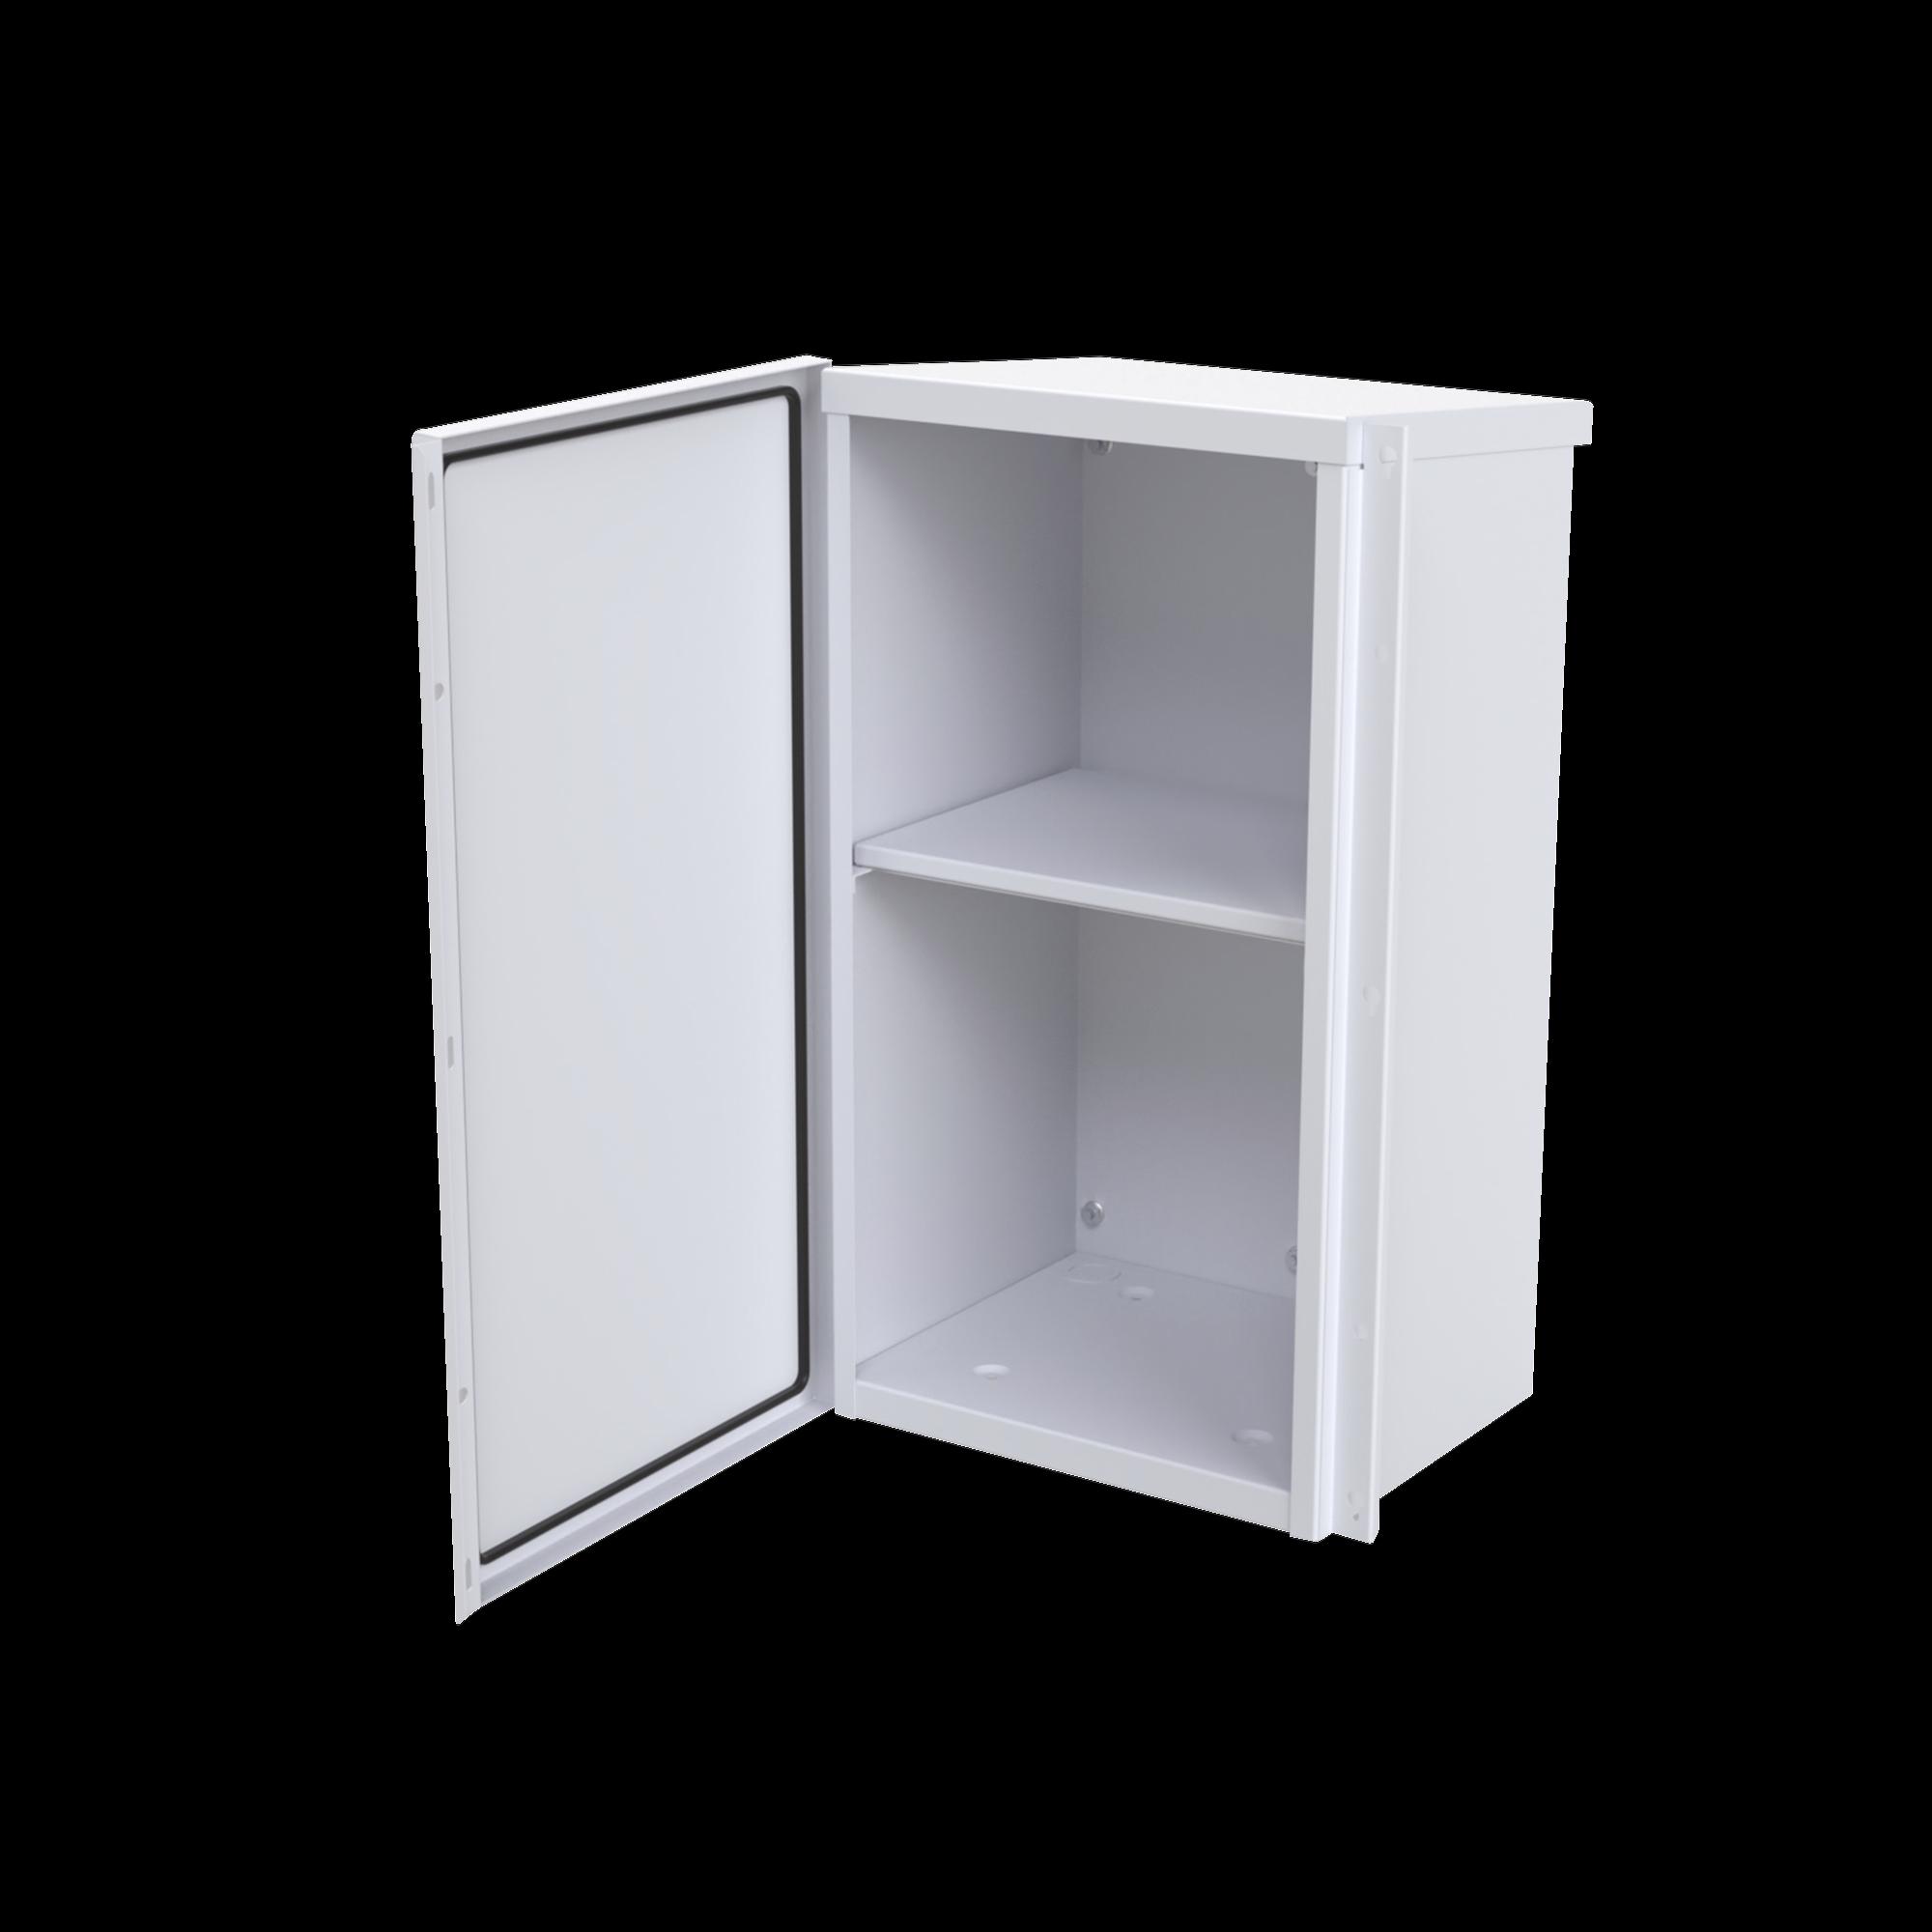 Gabinete Acero Galv. para 2 Baterias PL110D12  (400 x 730 x 300mm). Puerta Sin Ventilacion. Acc. para piso o poste No incluidos.